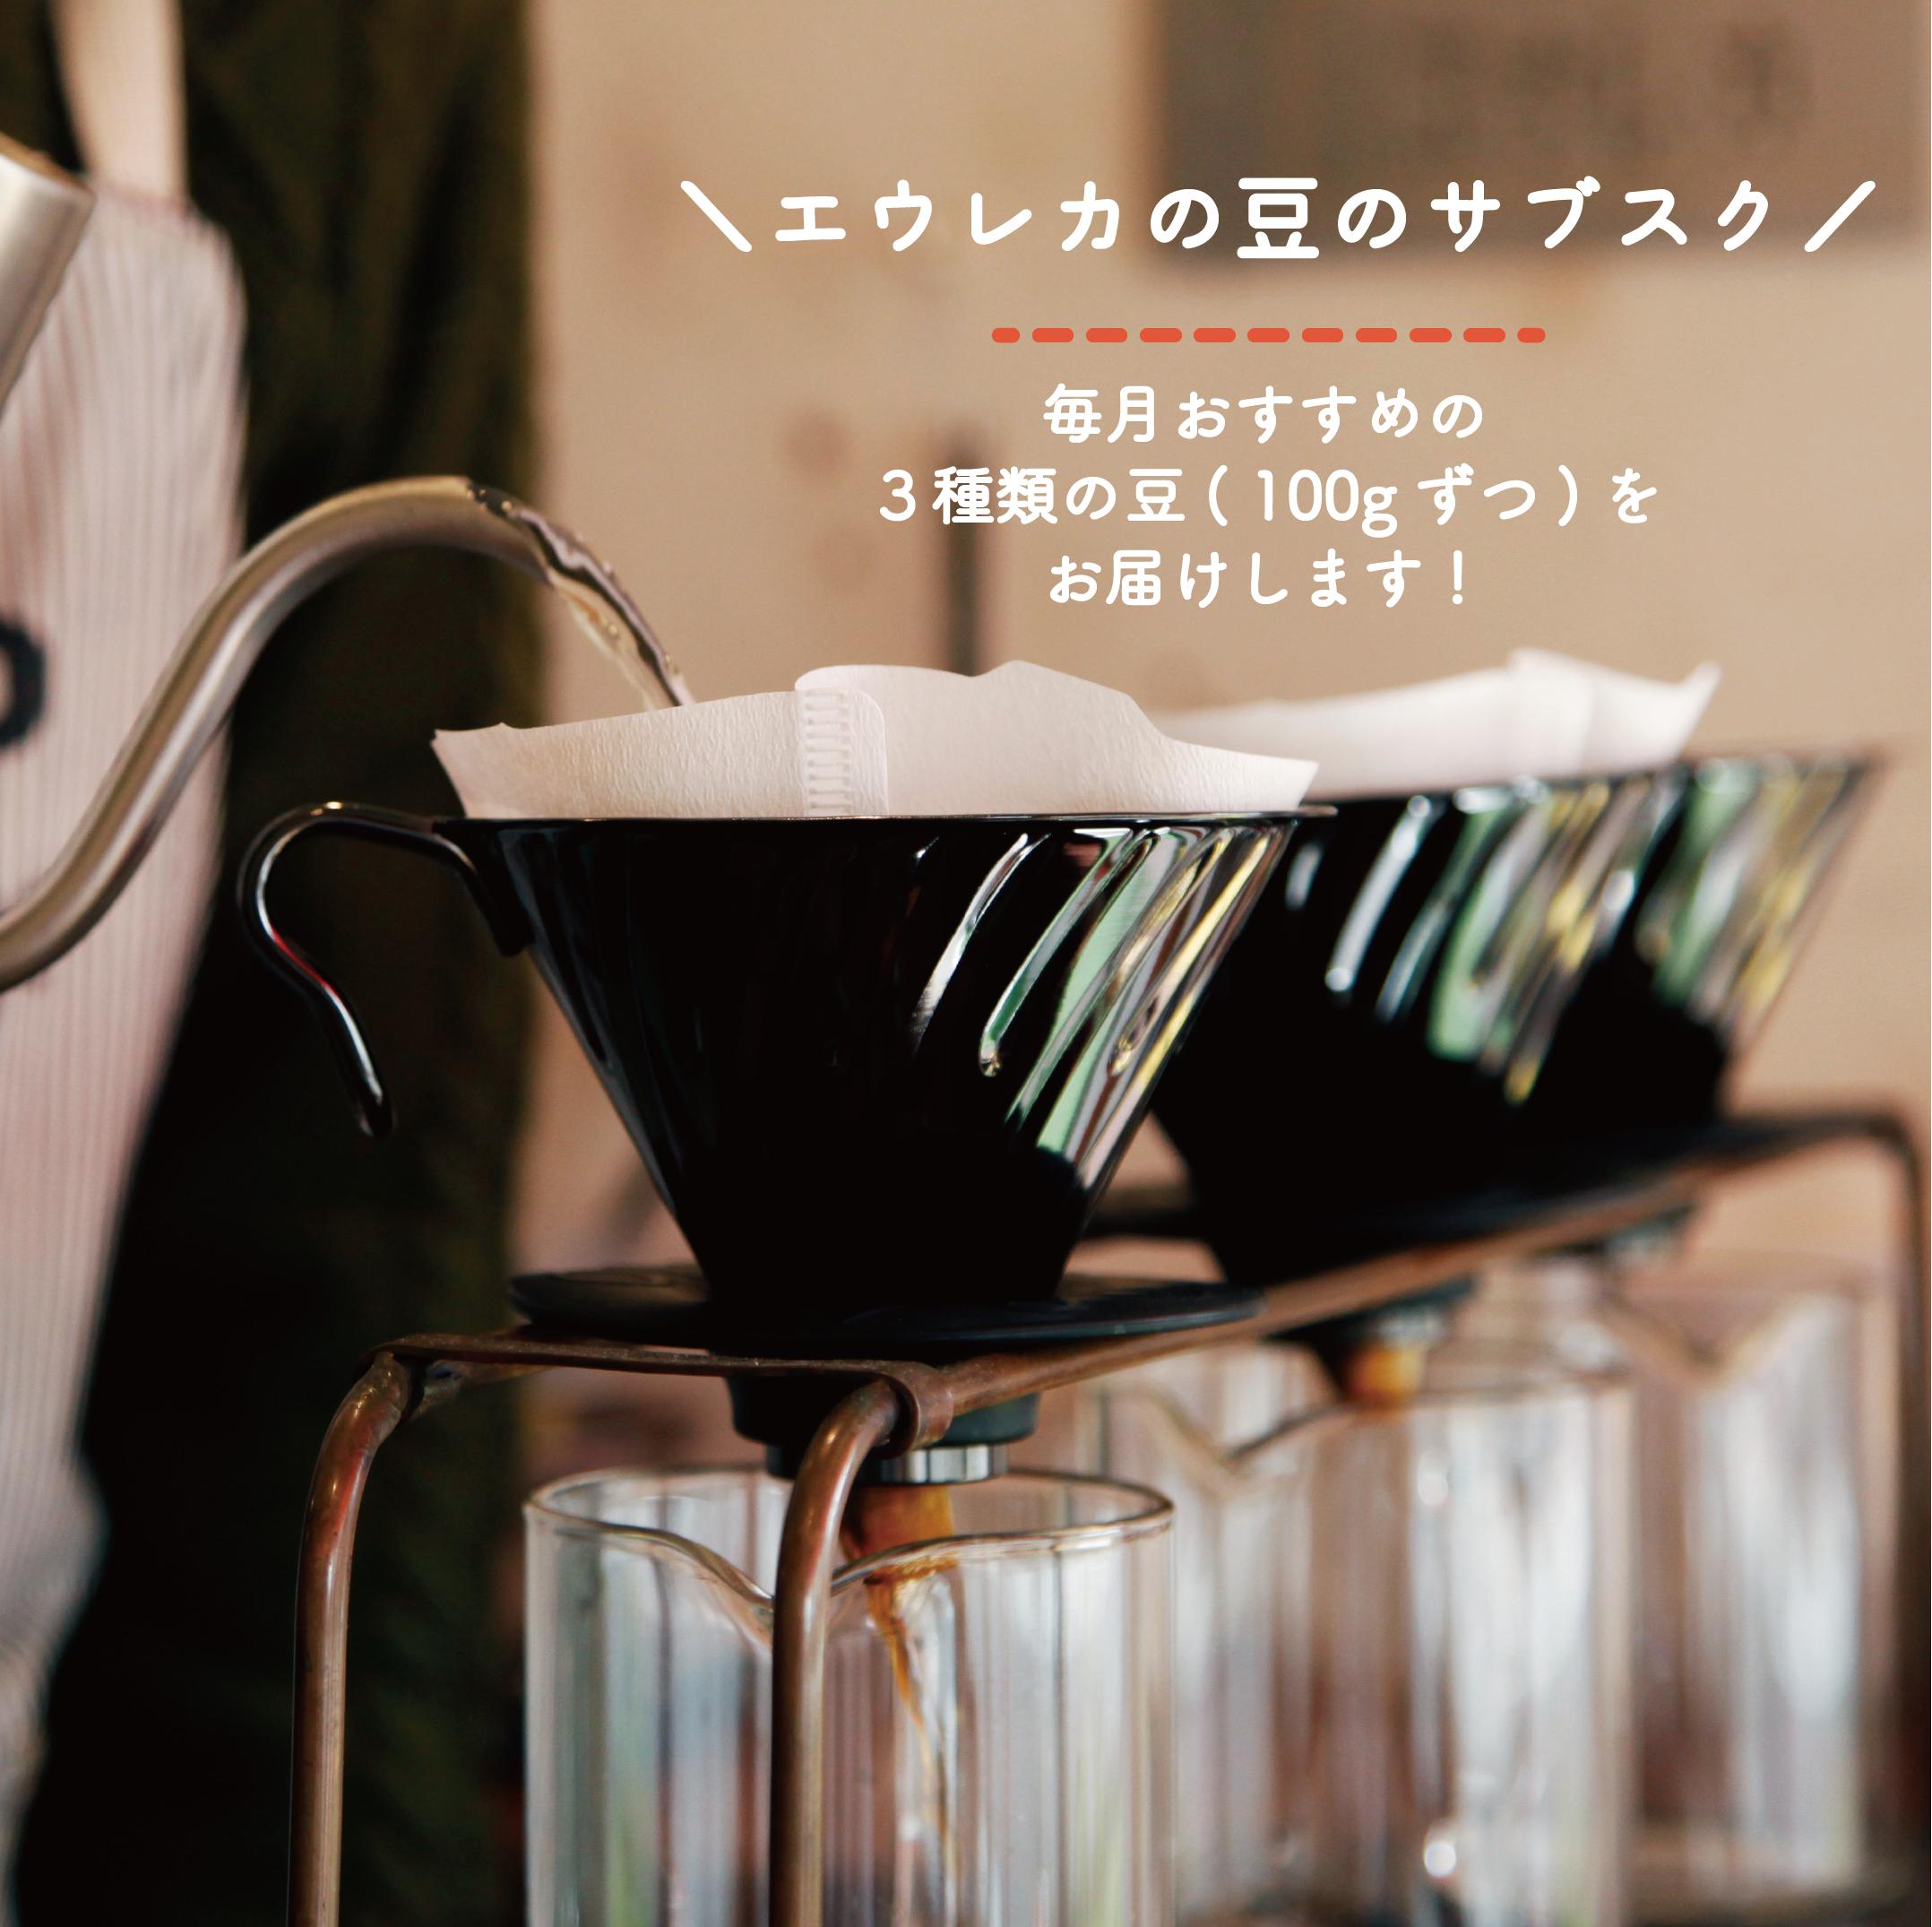 今月のオススメの豆【100グラム × 3種類】 |  3ヶ月